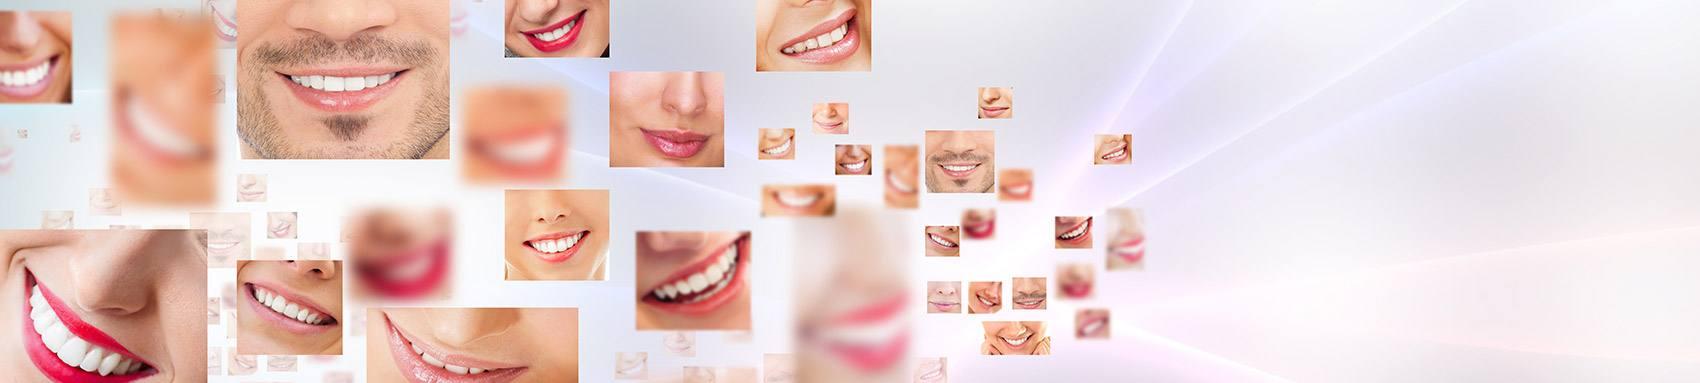 Smile Gallery - Earl E Gaball DDS